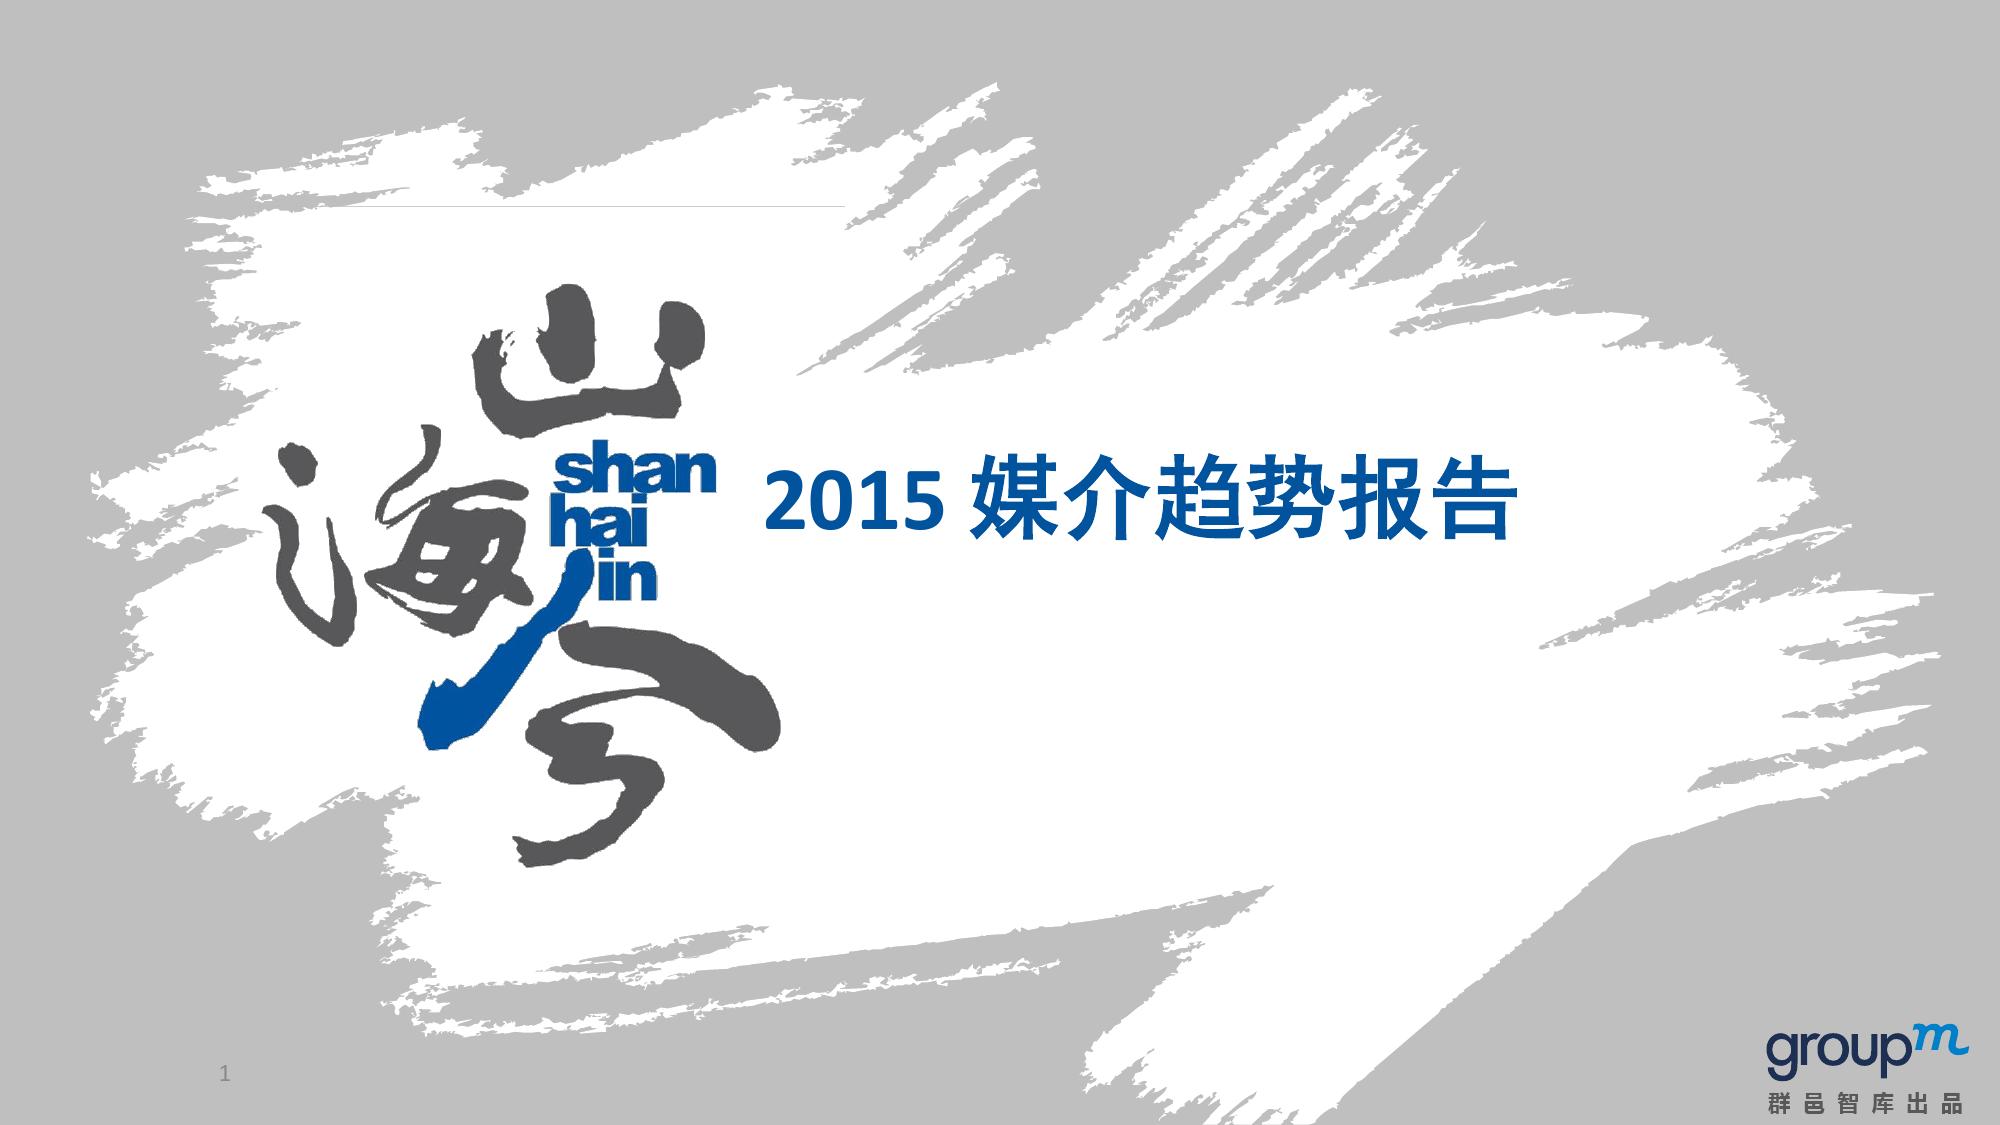 山海今2015中国媒介趋势报告_000001